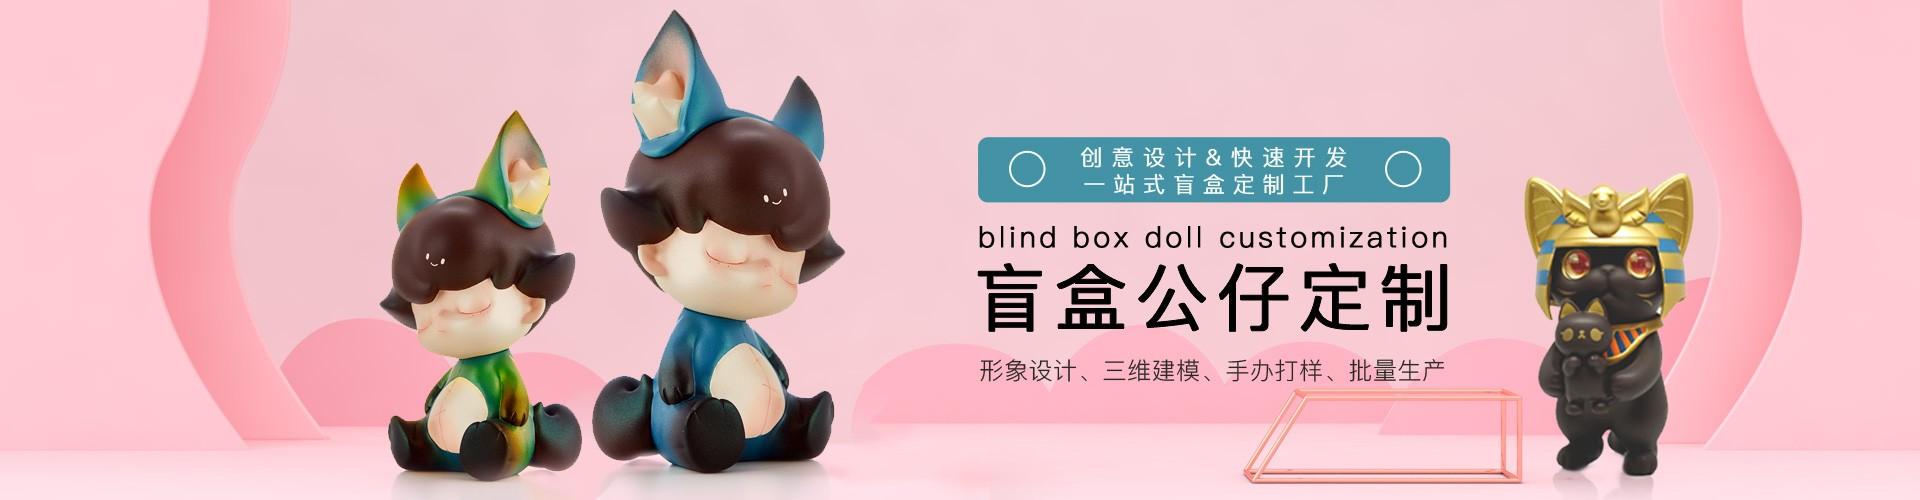 上海华声 盲盒定制 86fashion 定制盲盒